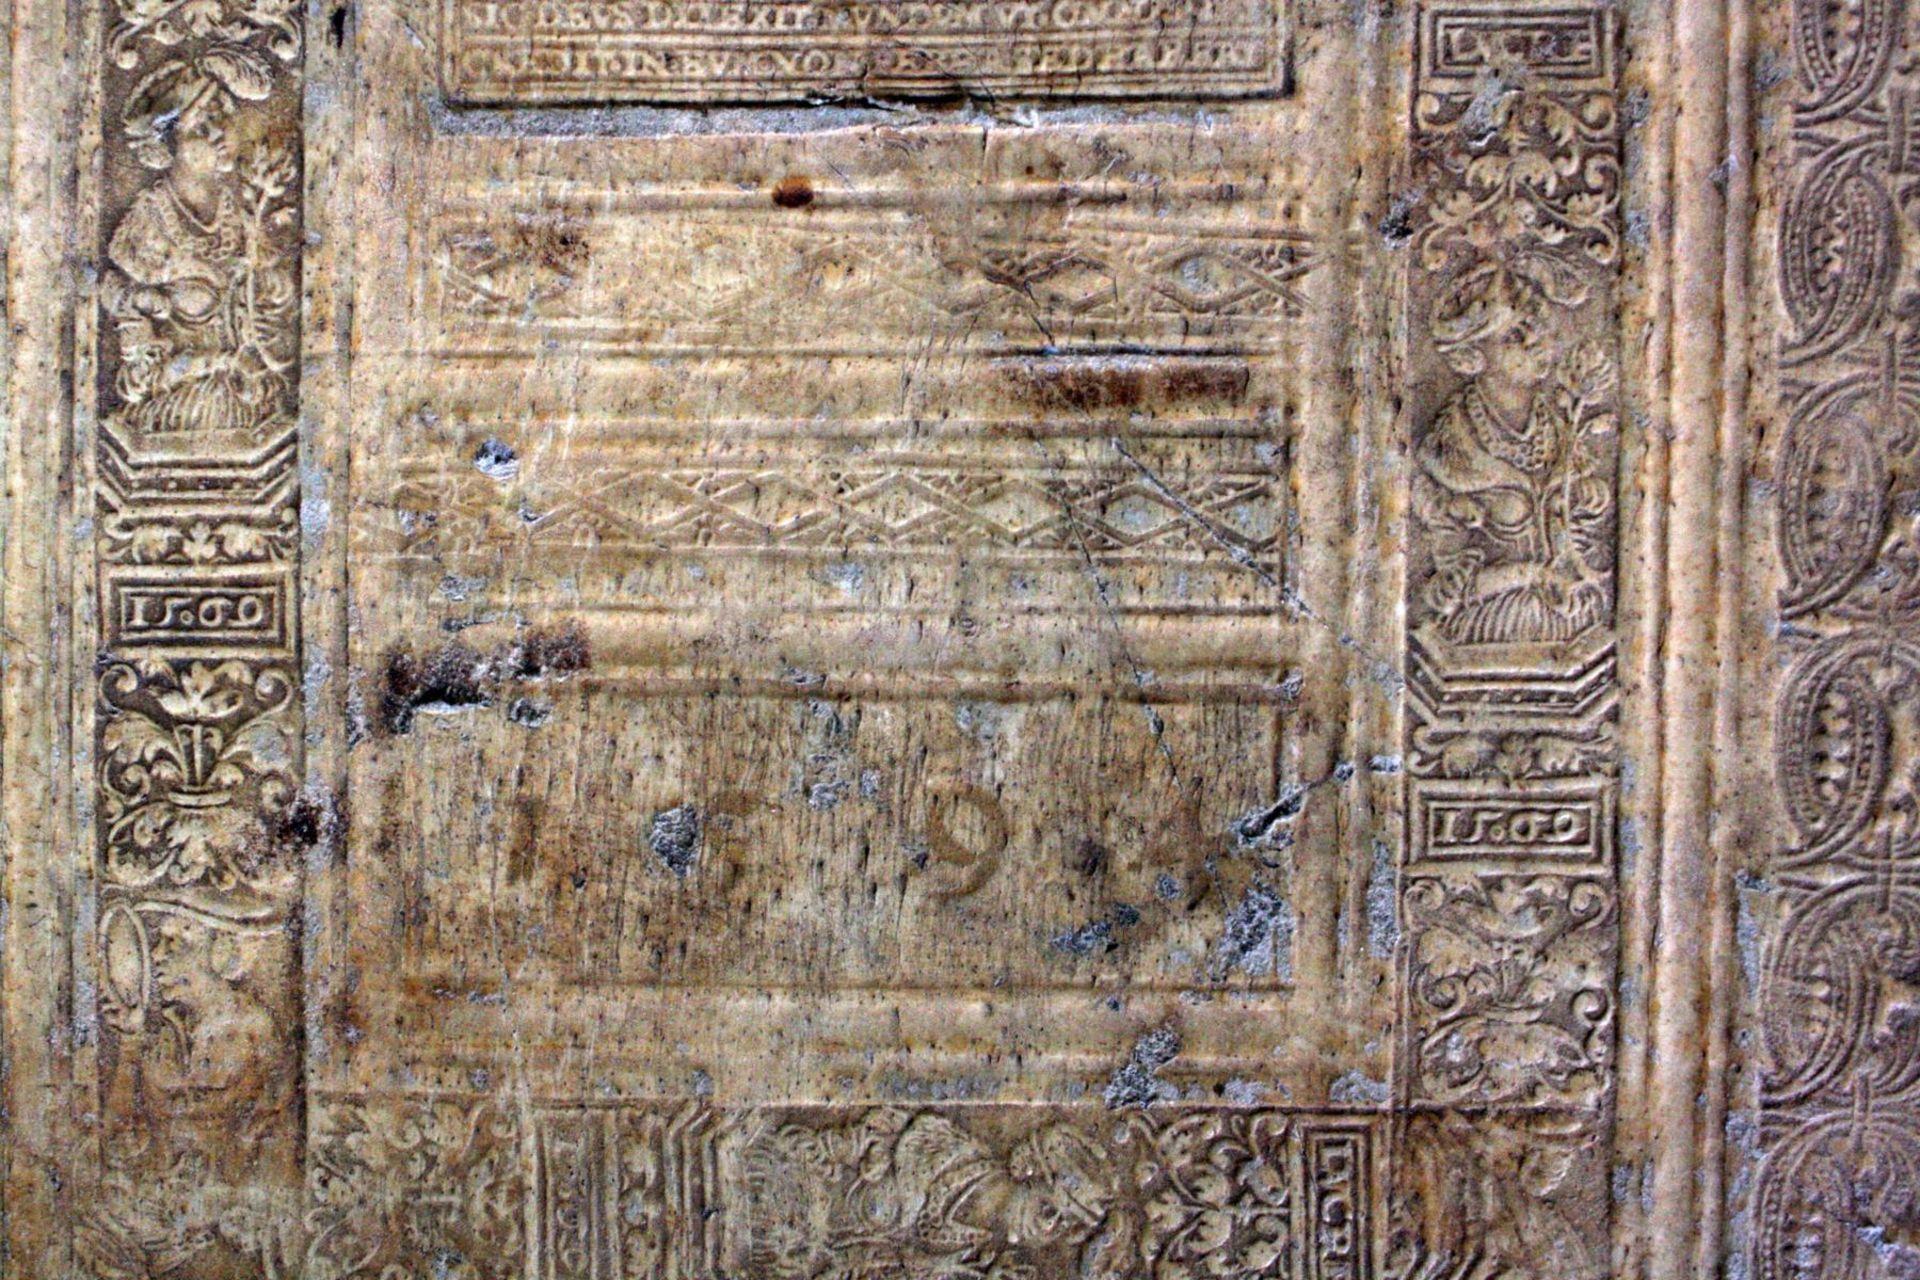 Griechische-Lateinische Bibel, Novum Testamentum 1582 - Bild 5 aus 23